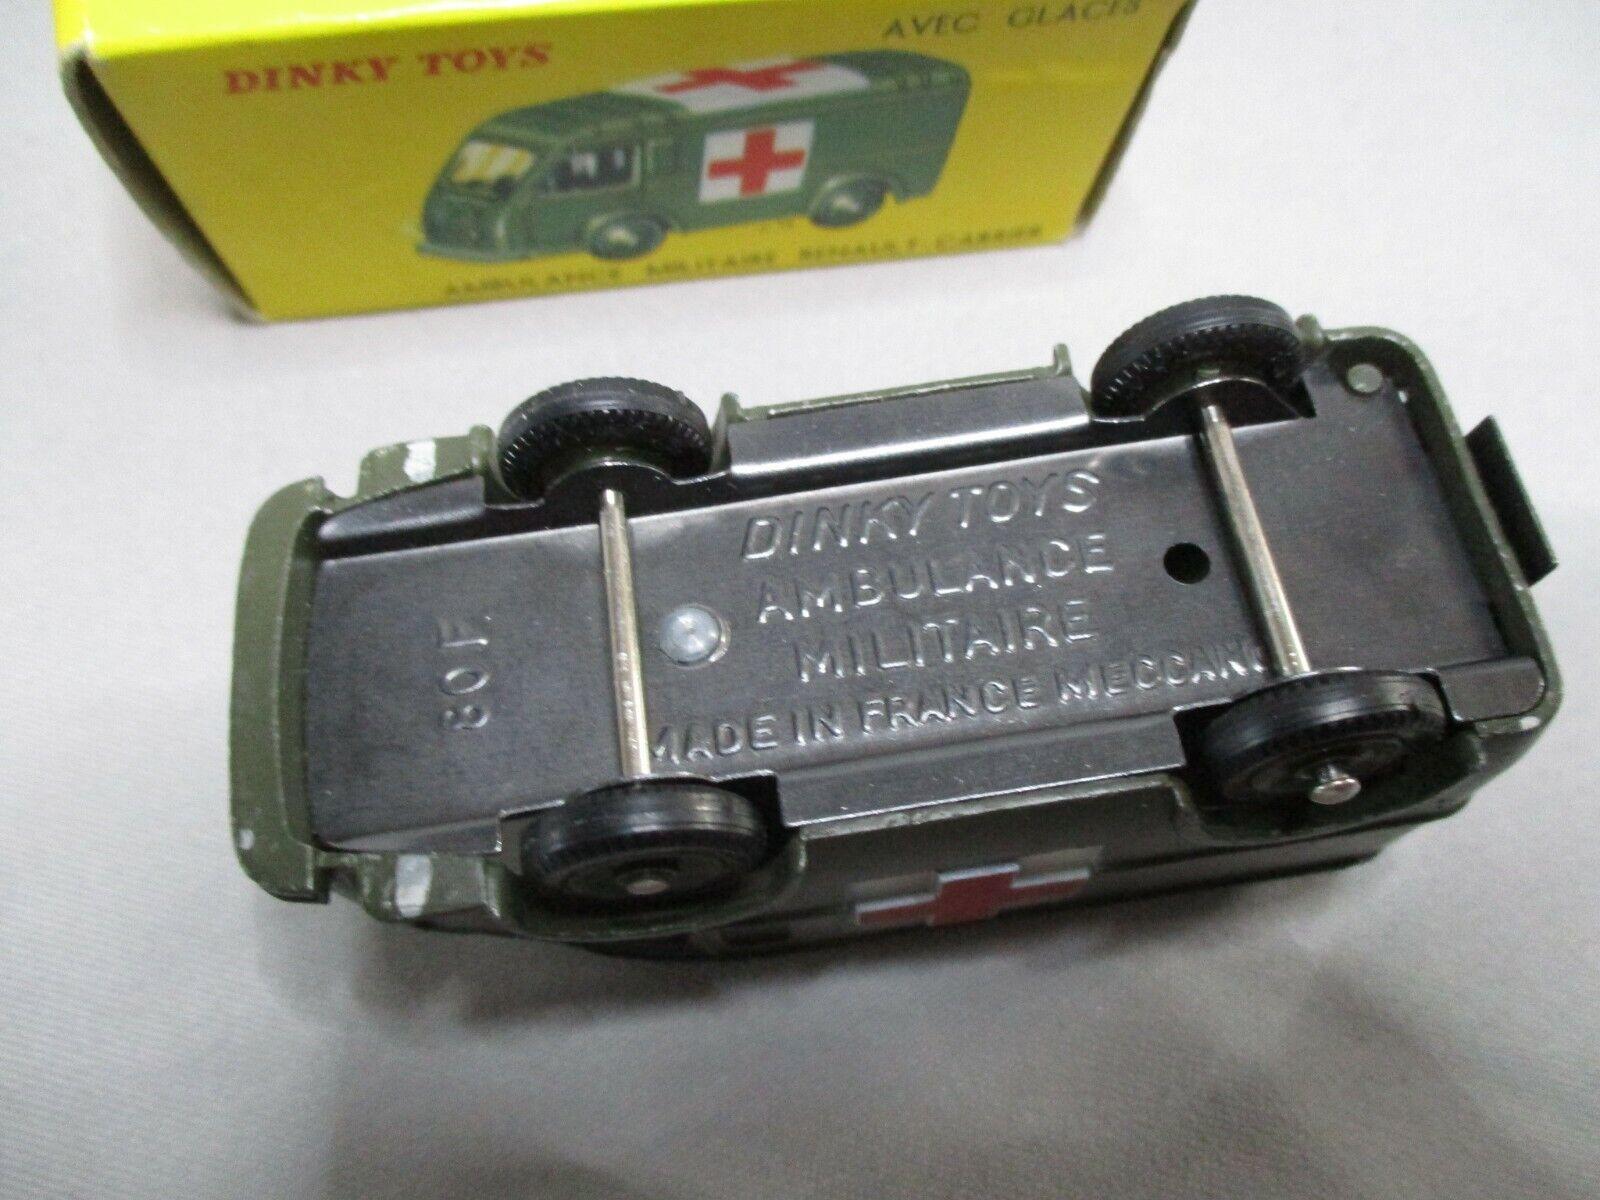 AJ702 DINKY TOYS FR AMBULANCE MILITAIRE MILITAIRE MILITAIRE RENAULT CARRIER Ref 820 BON ETAT fbde11